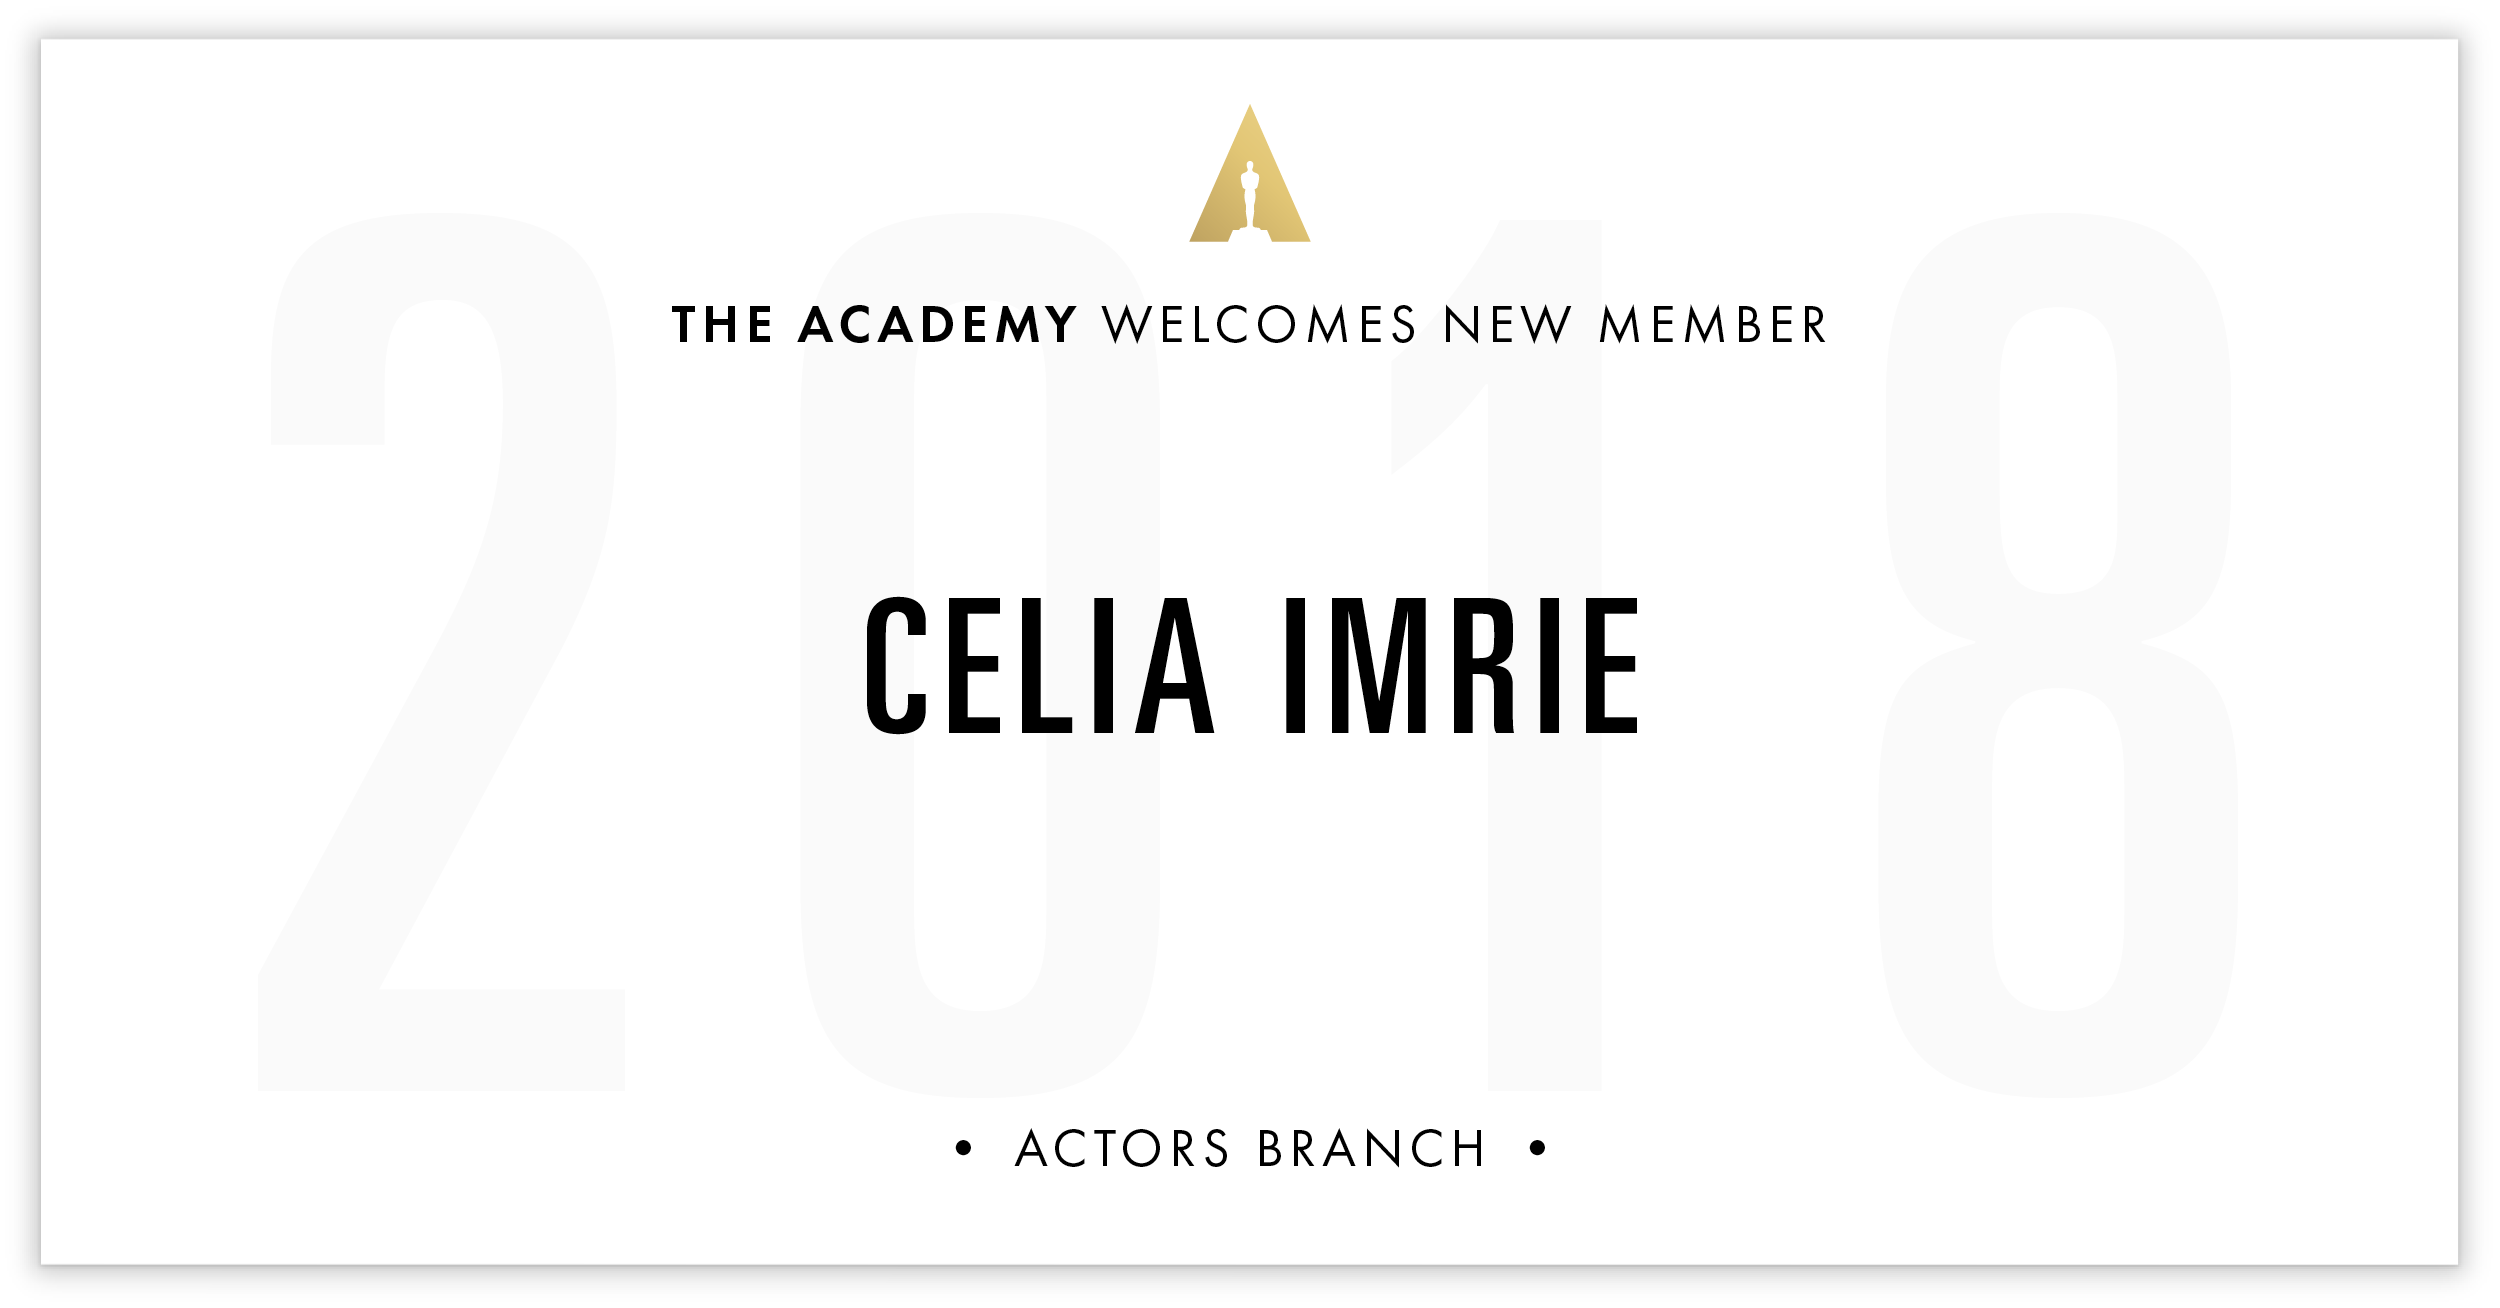 Celia Imrie is invited!